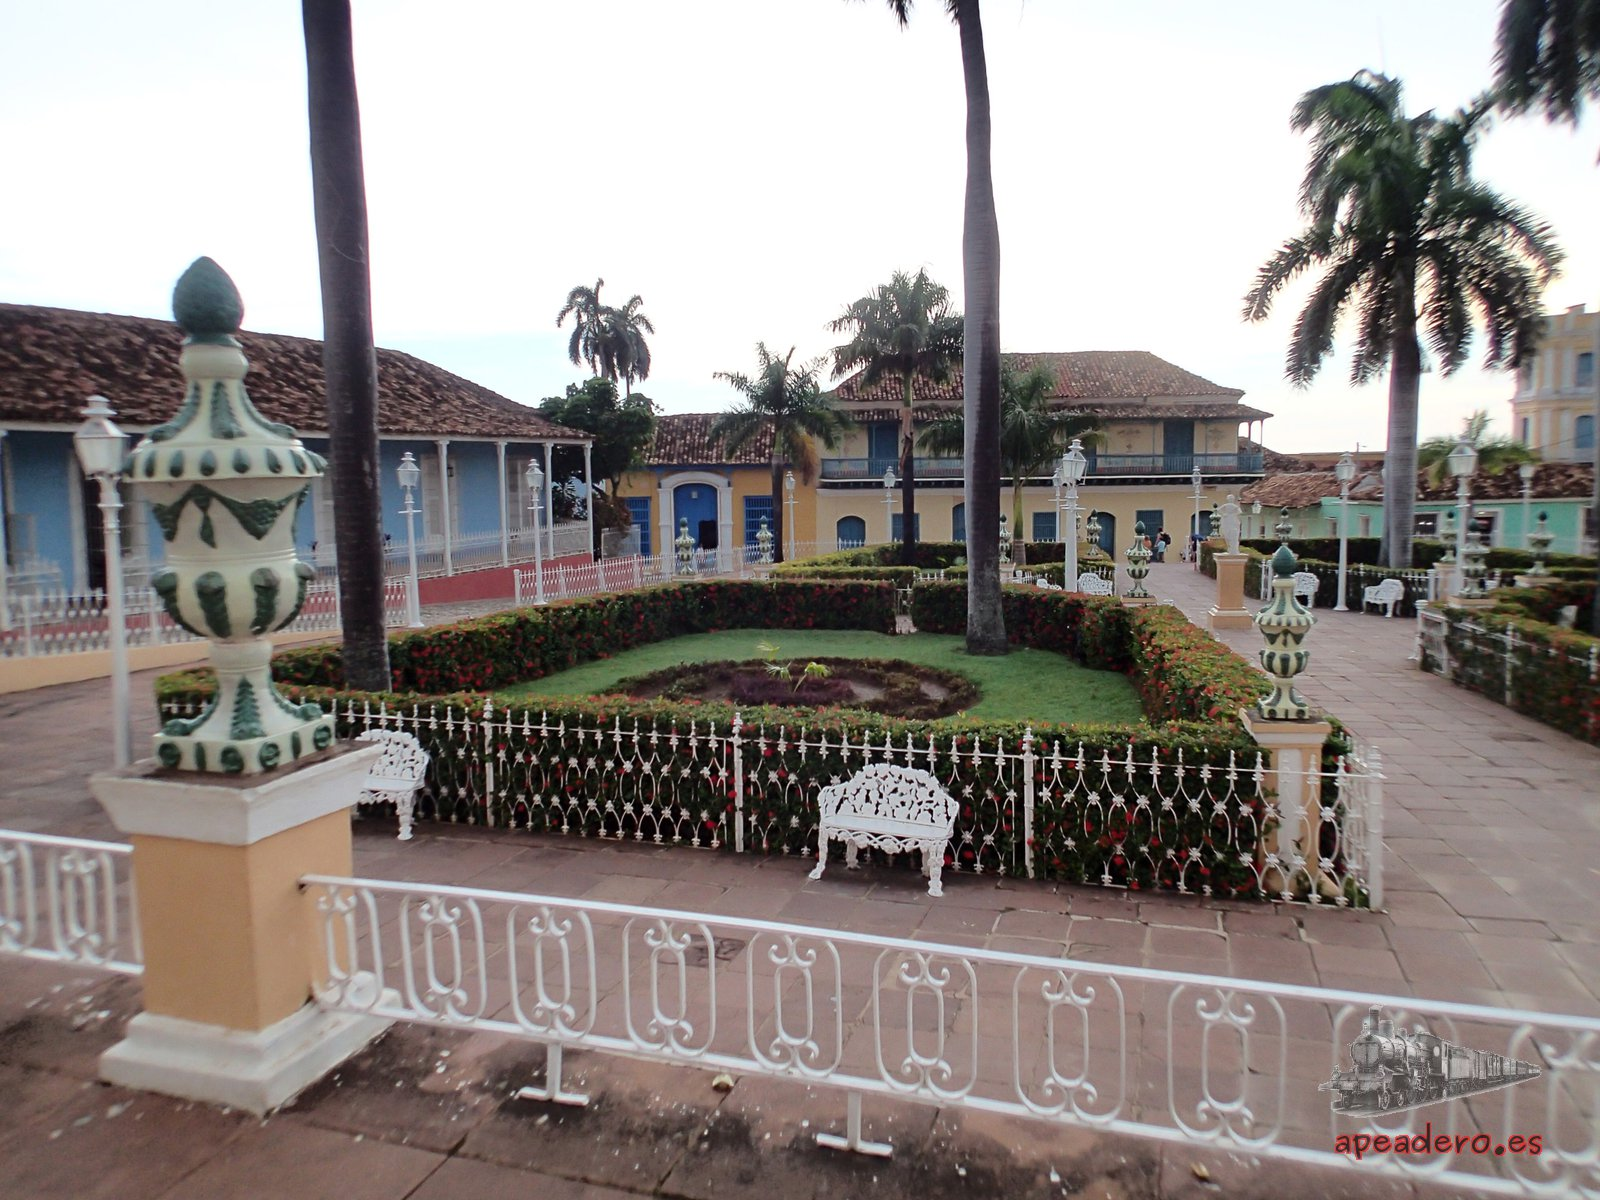 Los parques de Trinidad son otro atractivo de la ciudad.